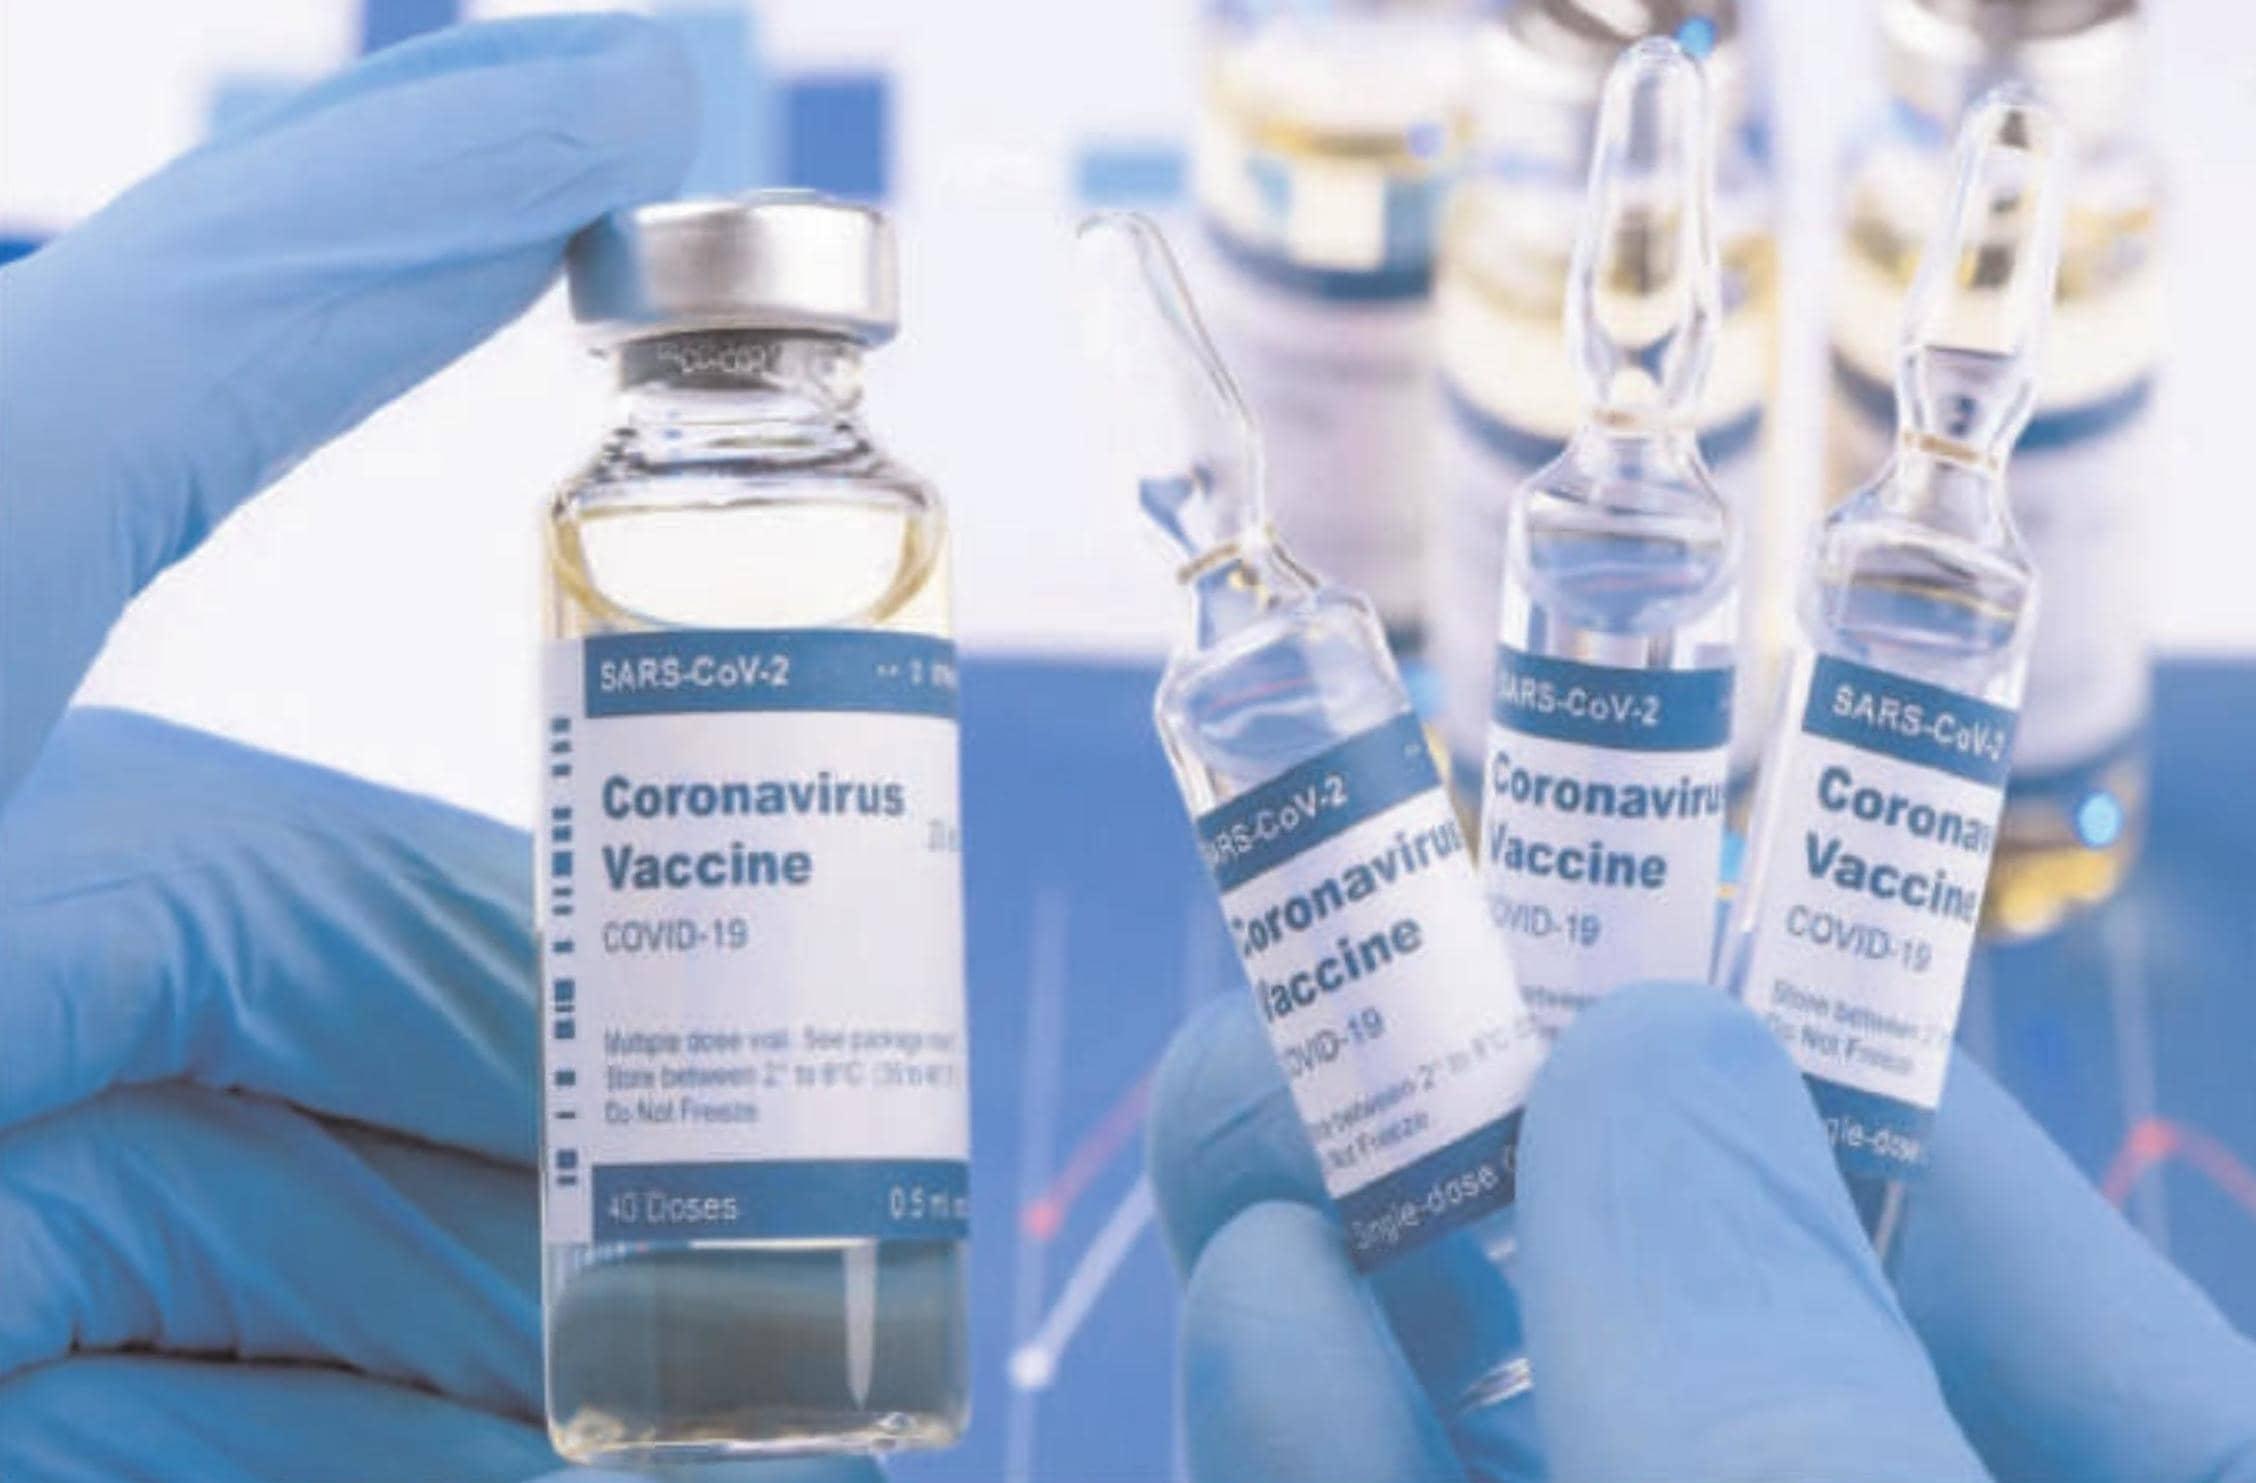 ऑक्सफोर्ड की कोरोना वायरस वैक्सीन का ट्रायल फिर शुरू, ब्रिटेन ने दी हरी झंडी